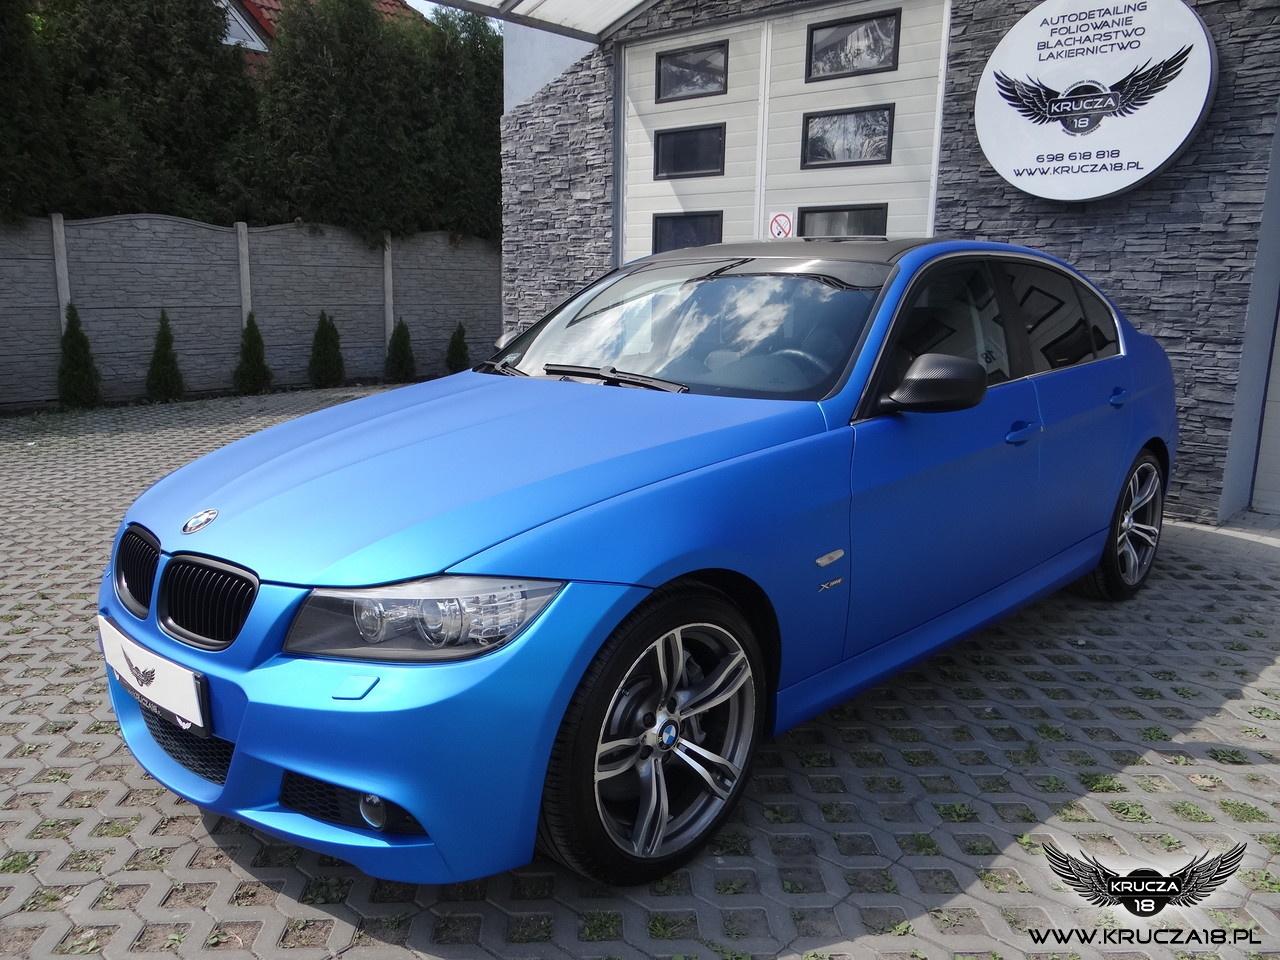 BMW 3 : zmiana koloru auta folią : blue aluminium : oklejanie : Krucza18 : Osielsko : Bydgoszcz